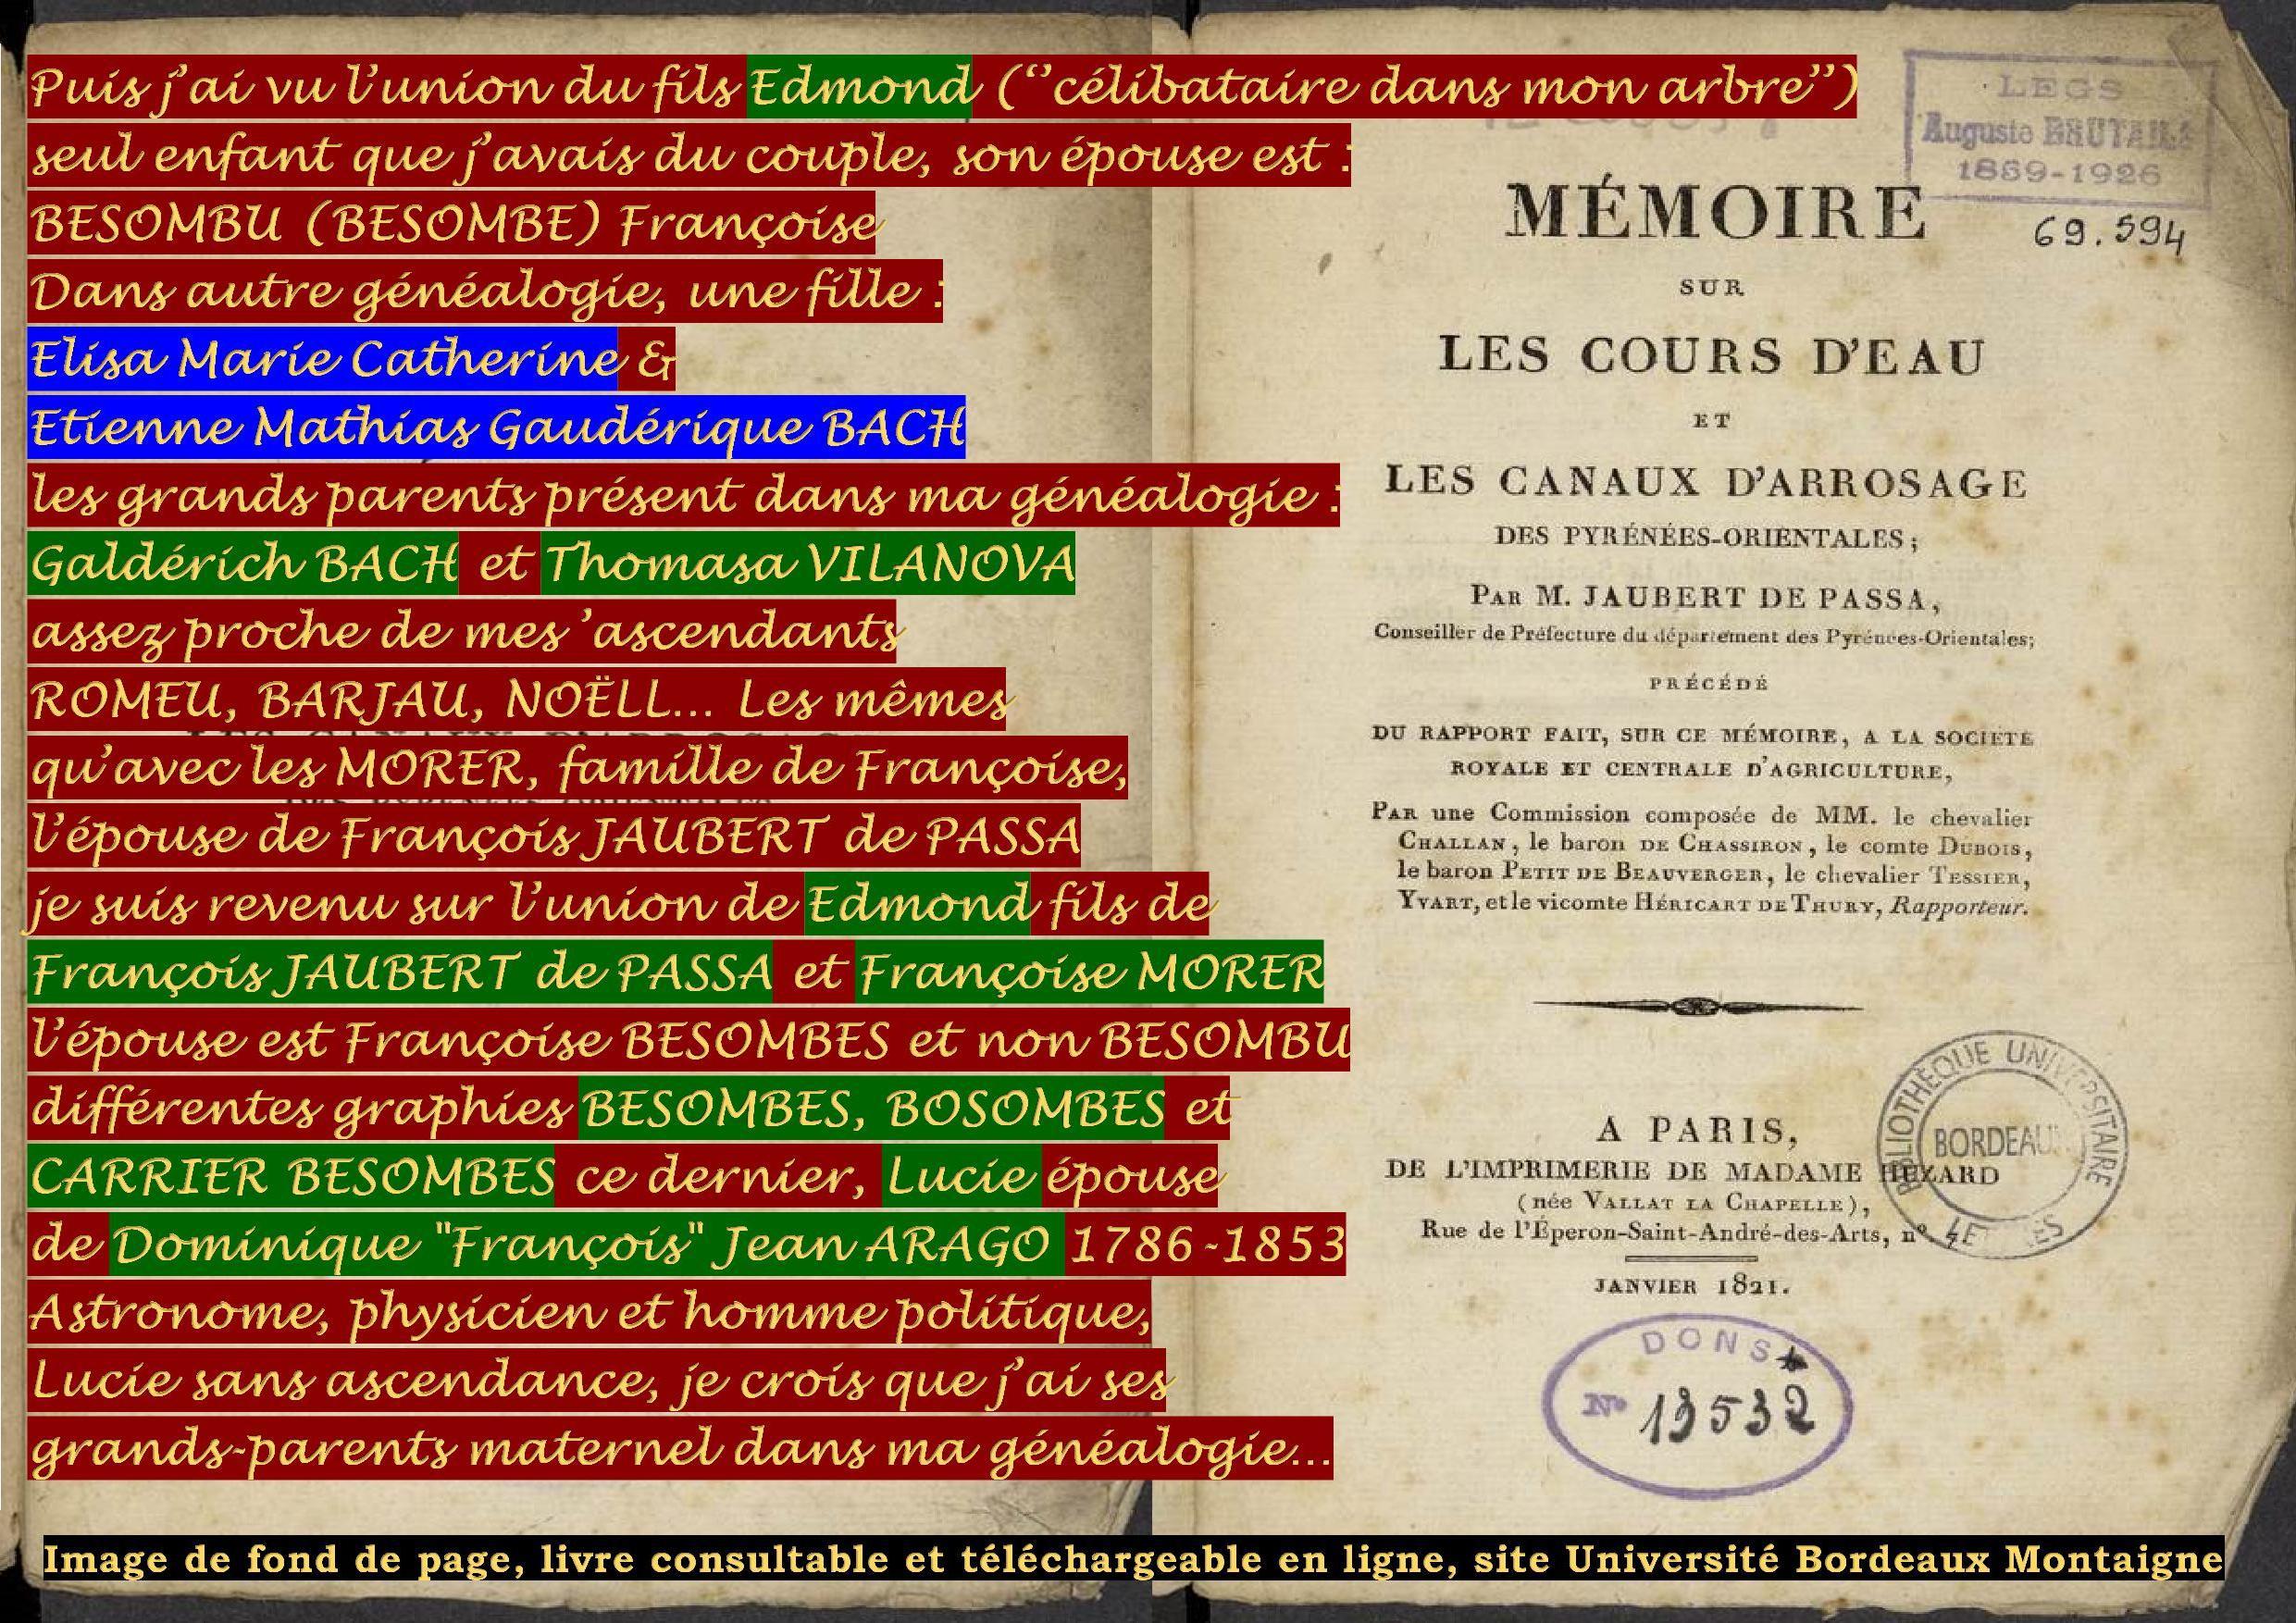 Presentation_de_mes_travaux_genealogiques_du_mois_d_aout_201827_001.jpg